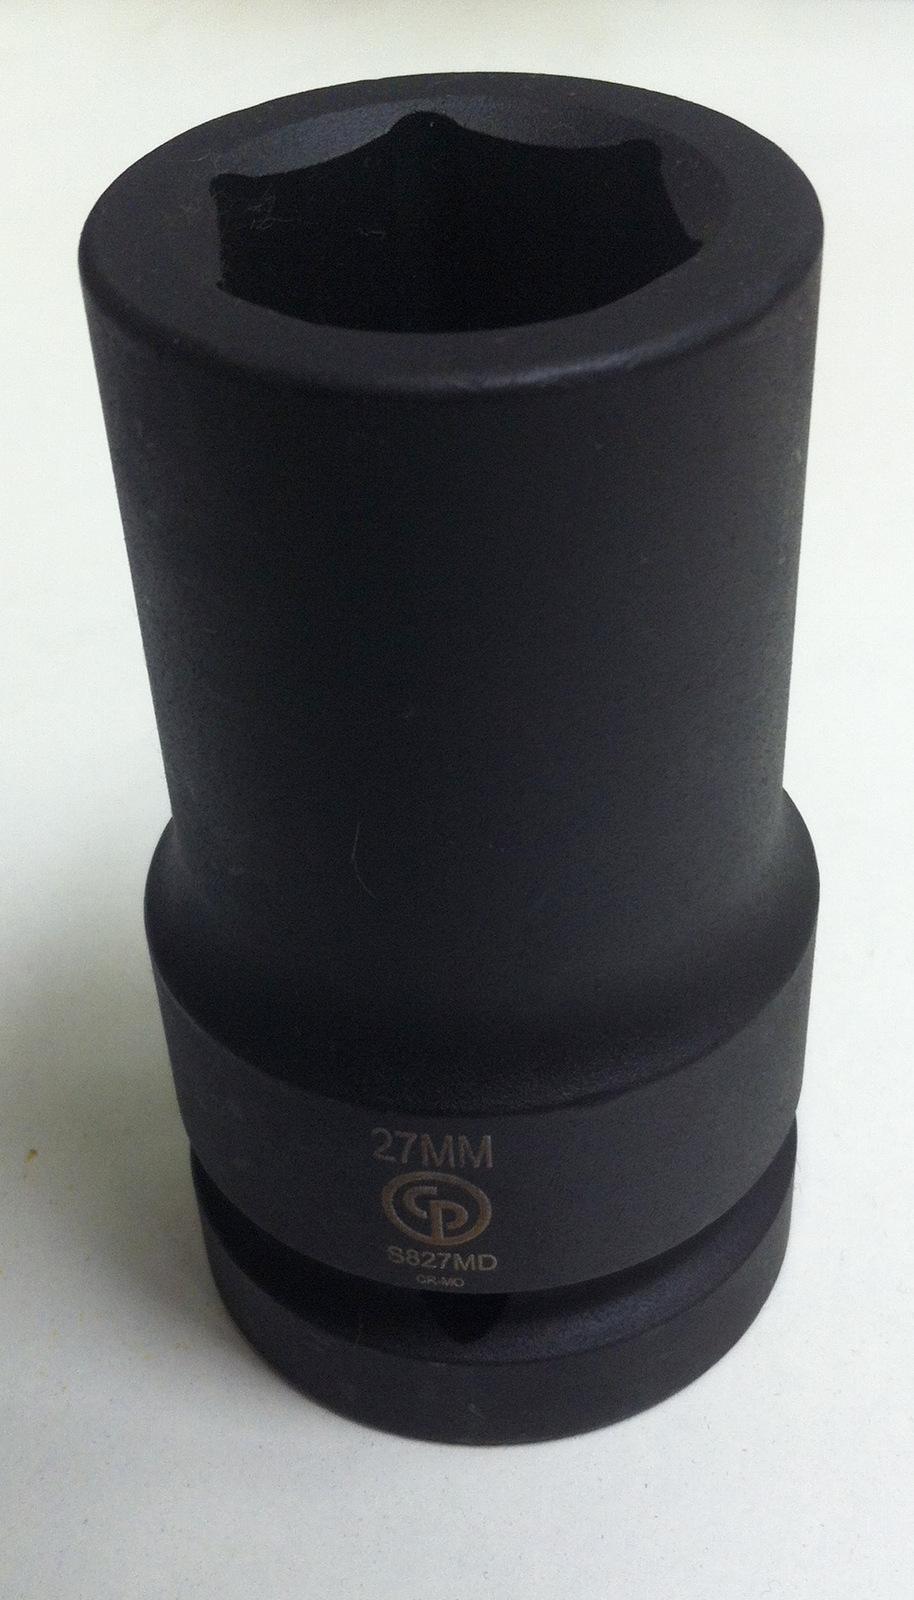 27mm SOCKET